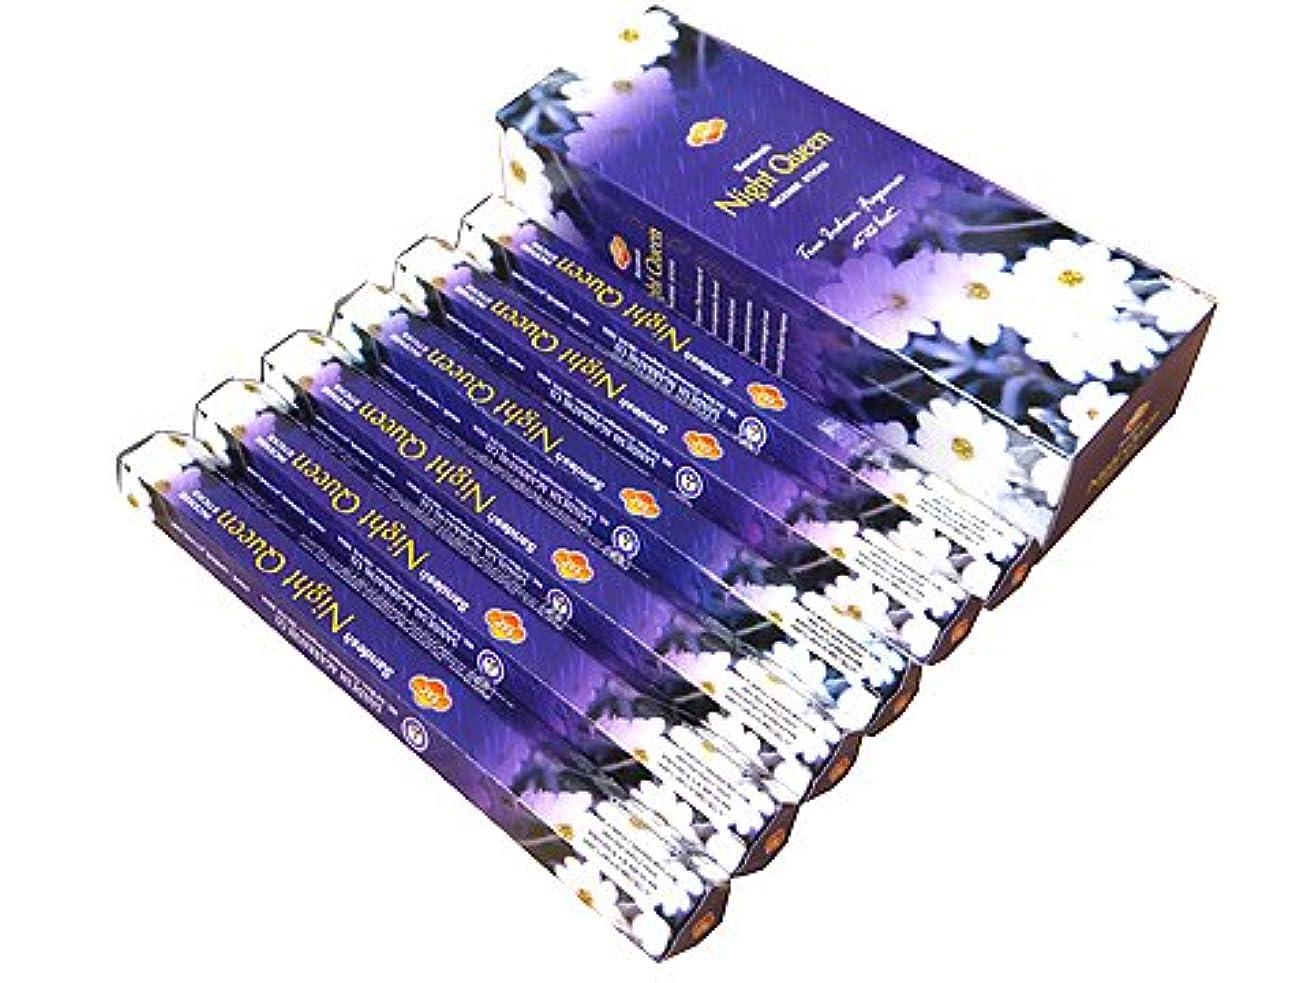 と組む約設定愛情SANDESH SAC (サンデッシュ) ナイトクィーン香 スティック NIGHT QUEEN 6箱セット